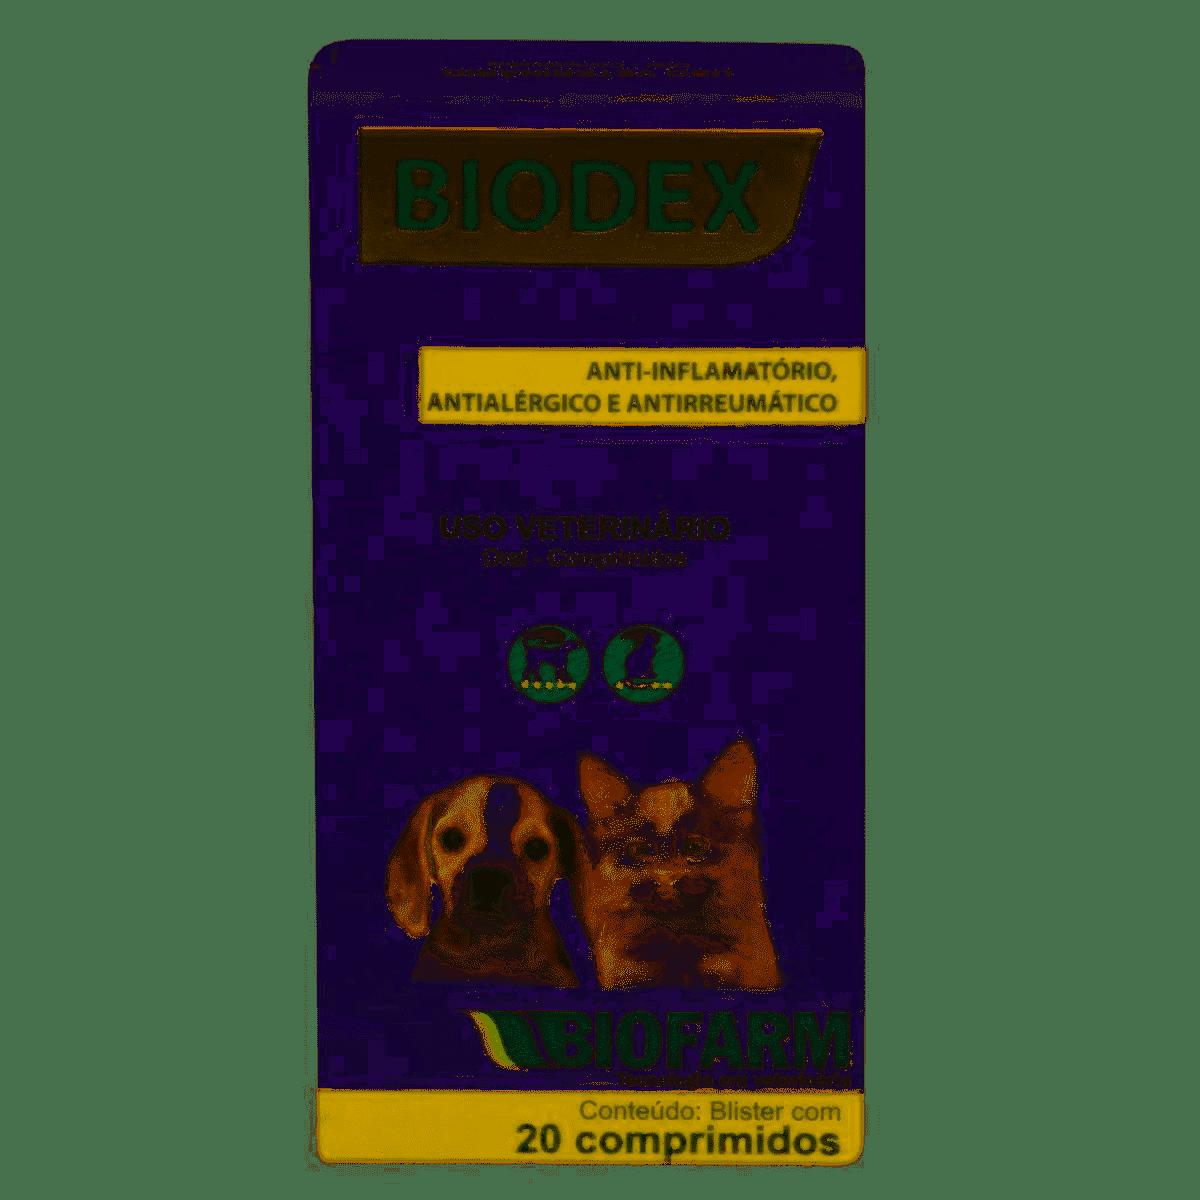 ANTI-INFLAMATÓRIO BIODEX  20 COMPRIMIDOS